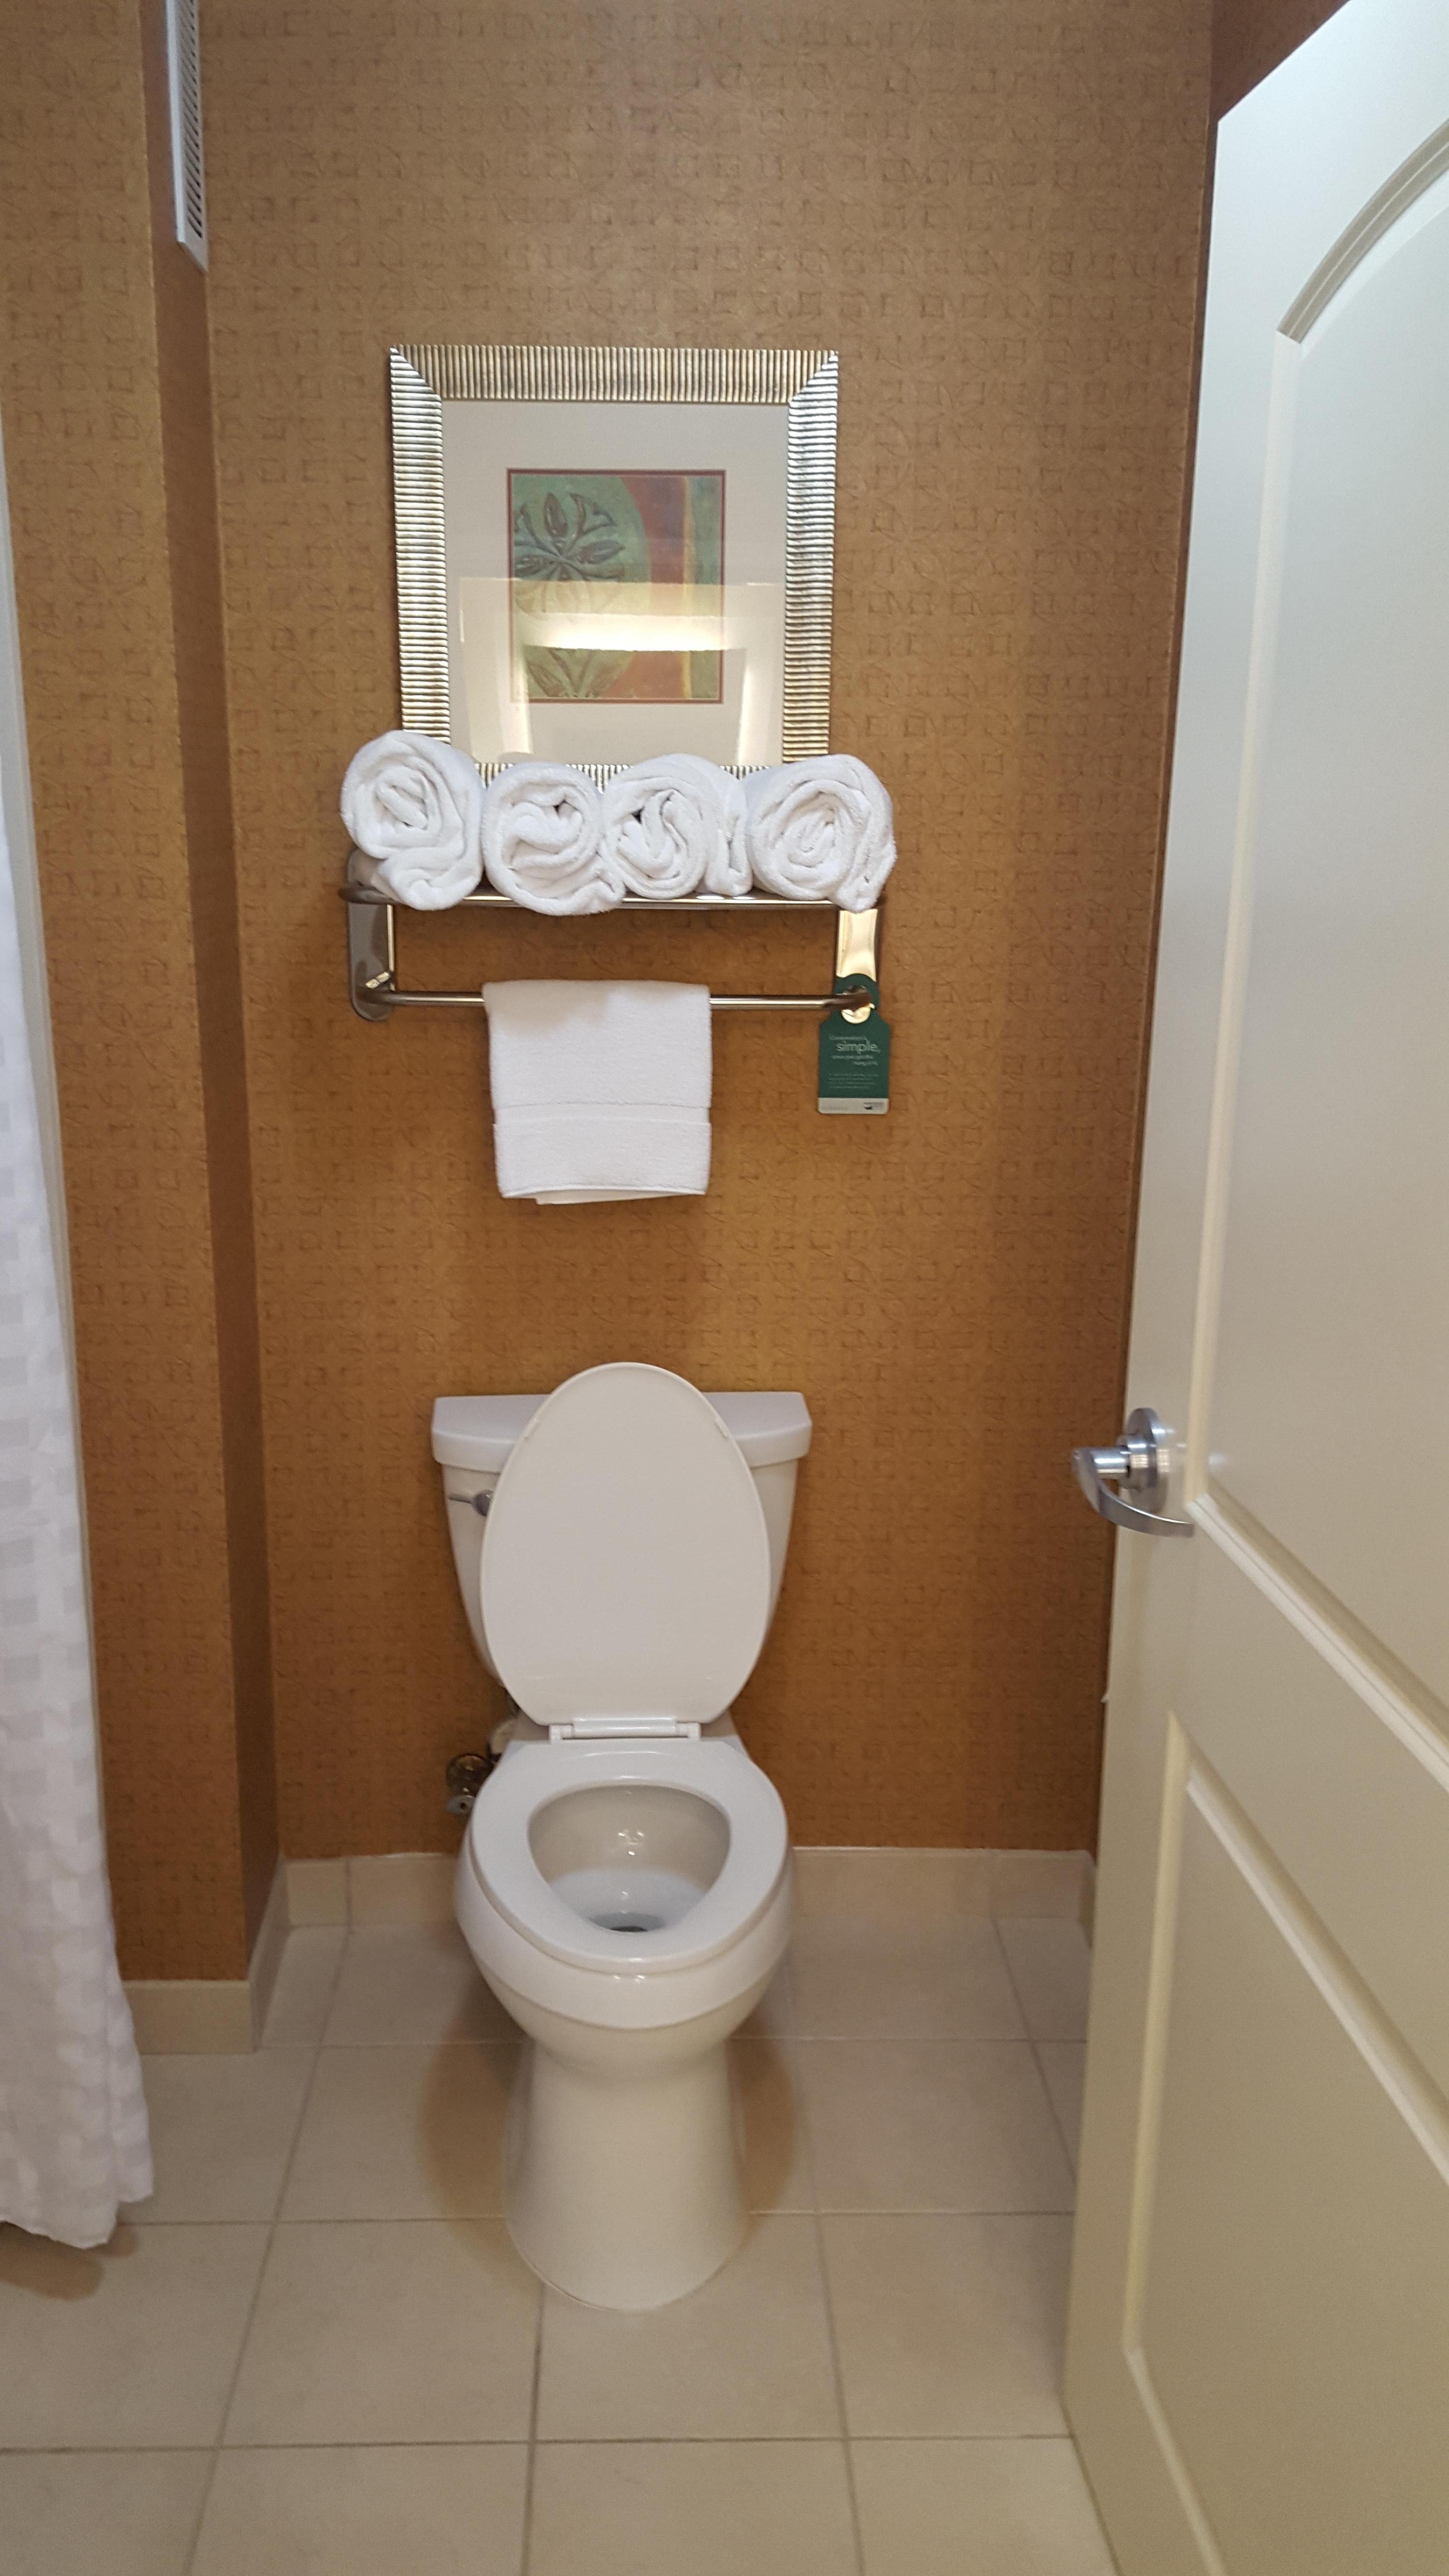 Bathroom was nice